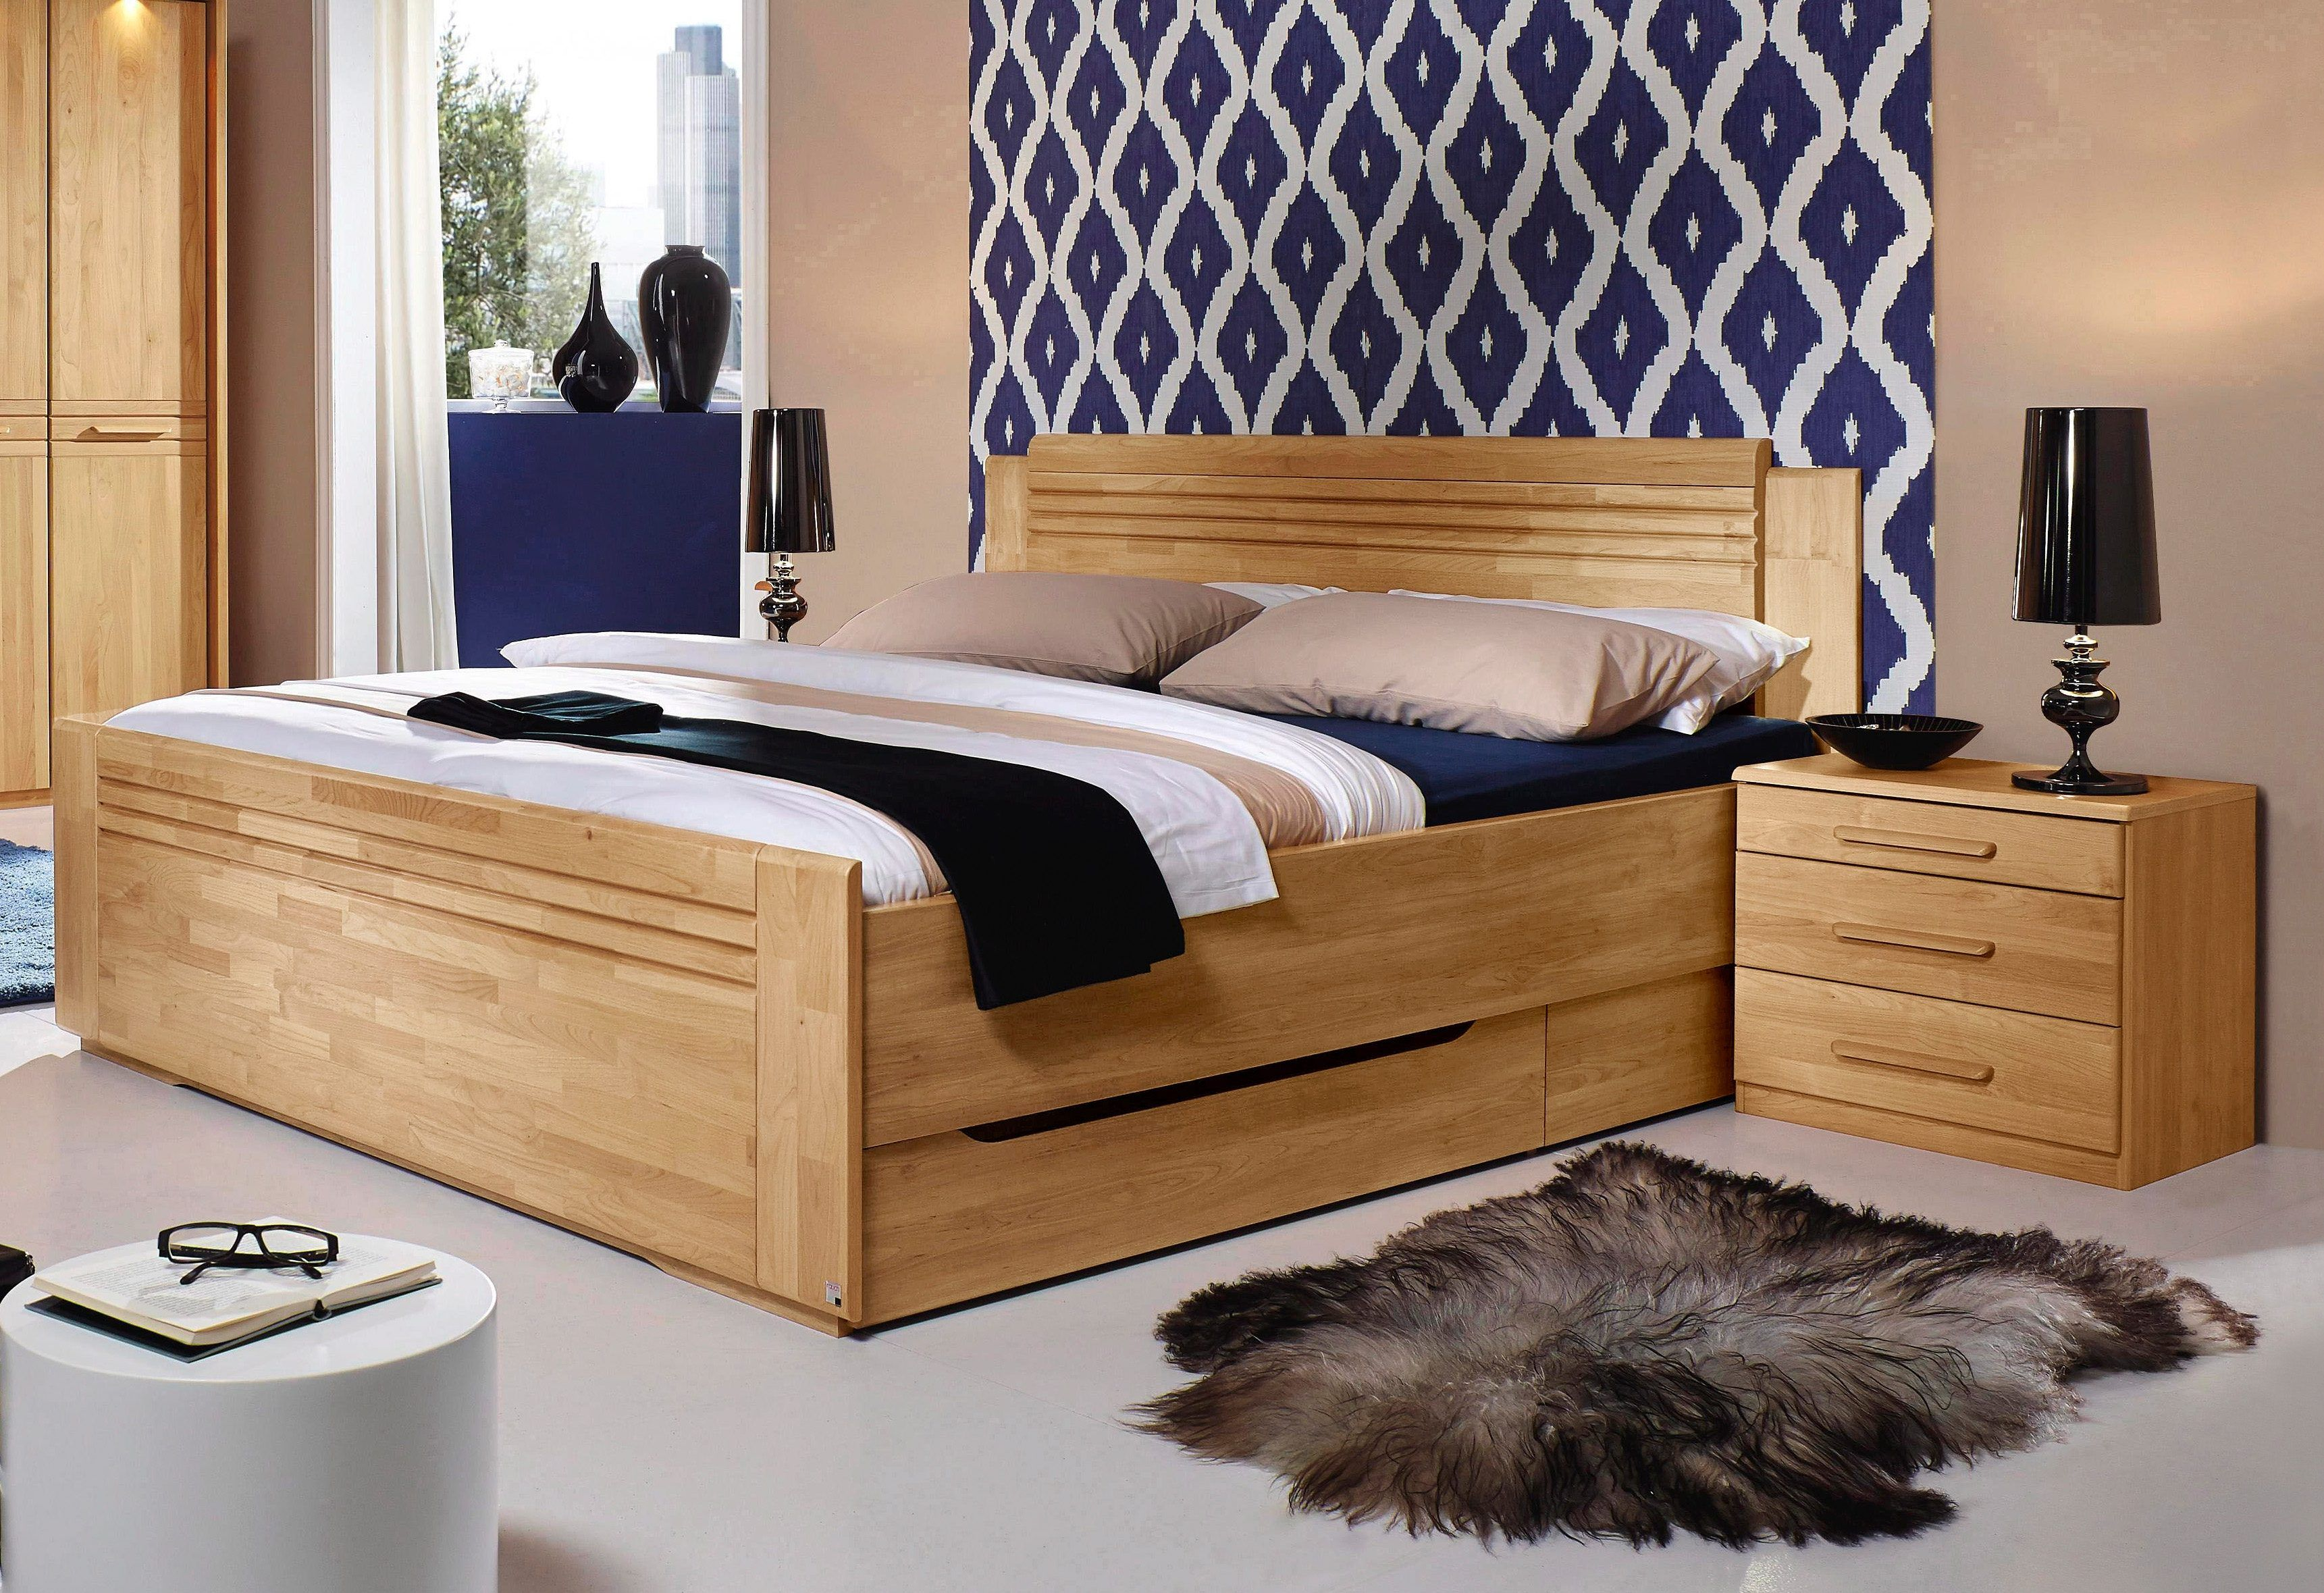 komplettset schlafzimmer schlafzimmer spitzboden tapezier ideen ebay kommode my home bettw sche. Black Bedroom Furniture Sets. Home Design Ideas